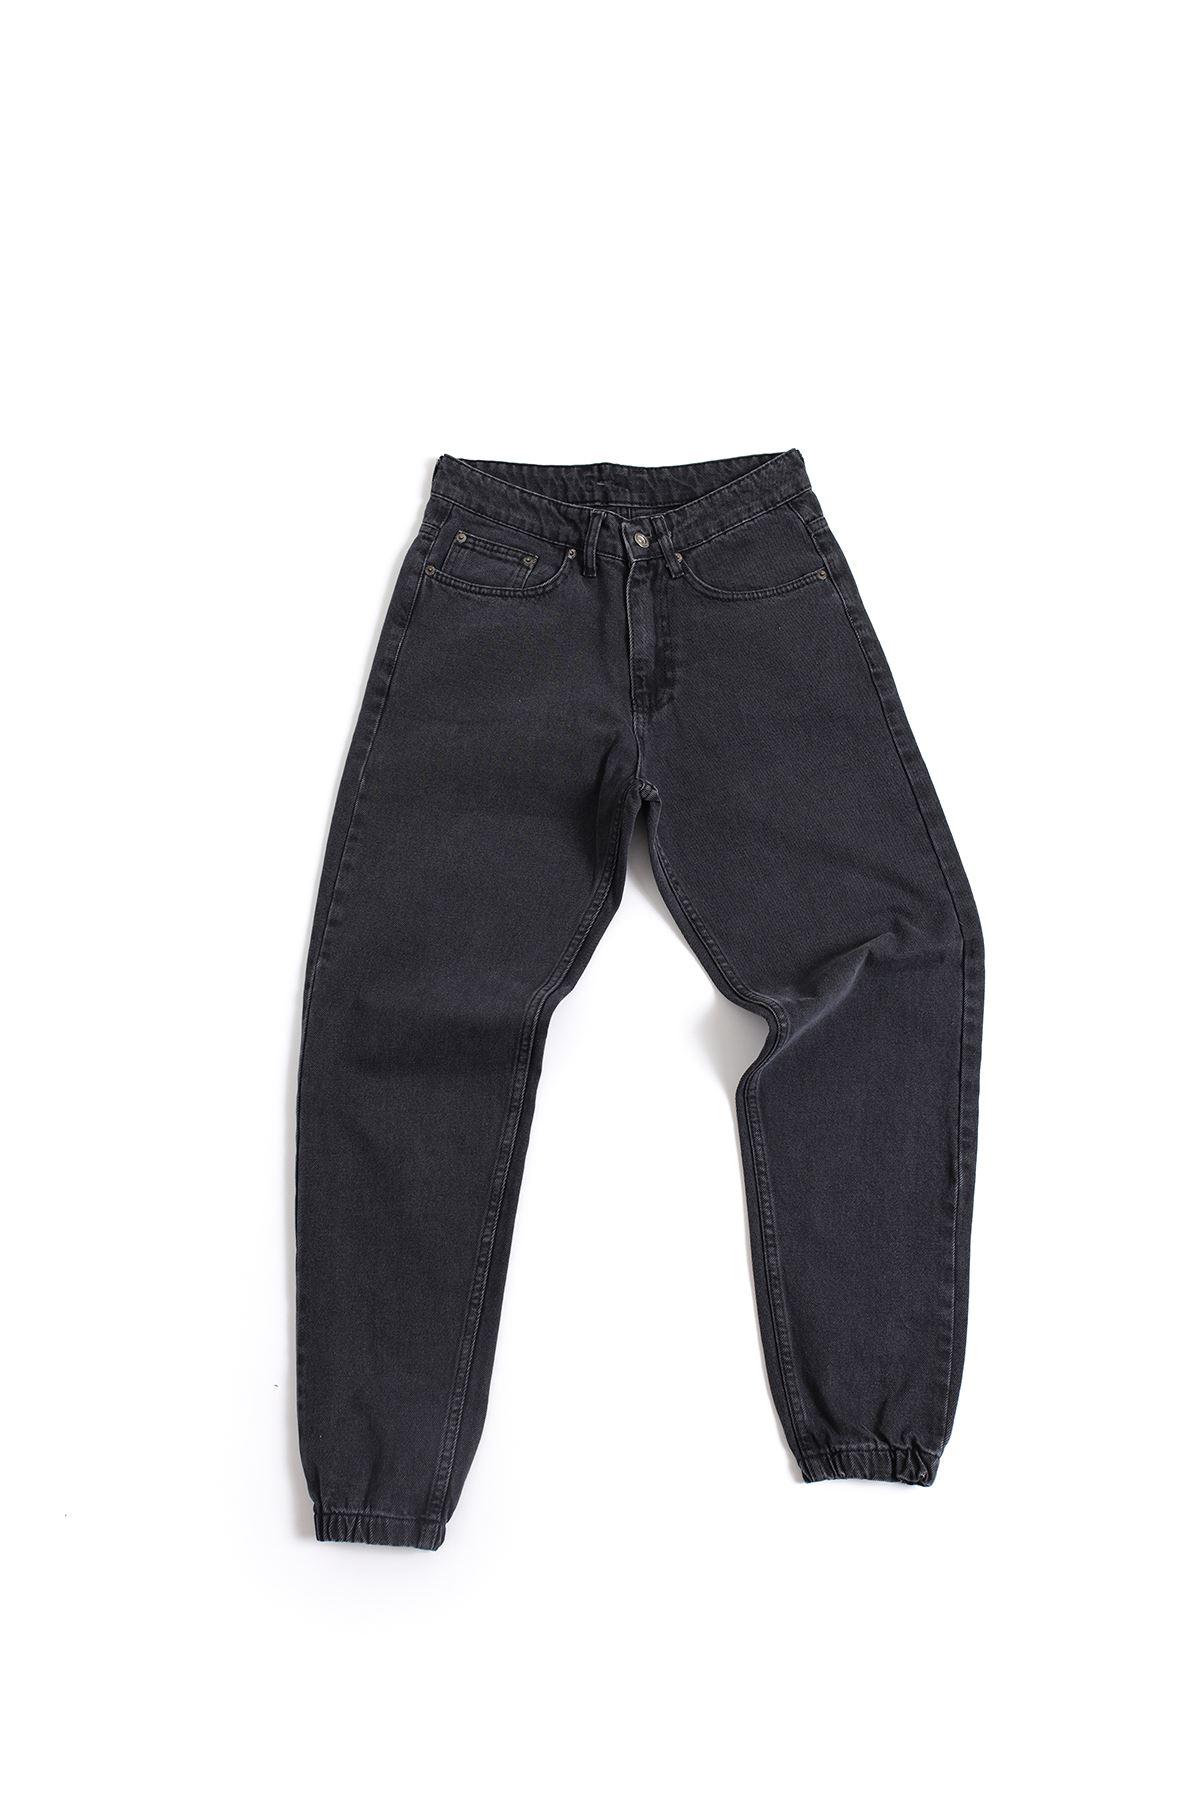 Siyah Boyfriend Kot Pantolon